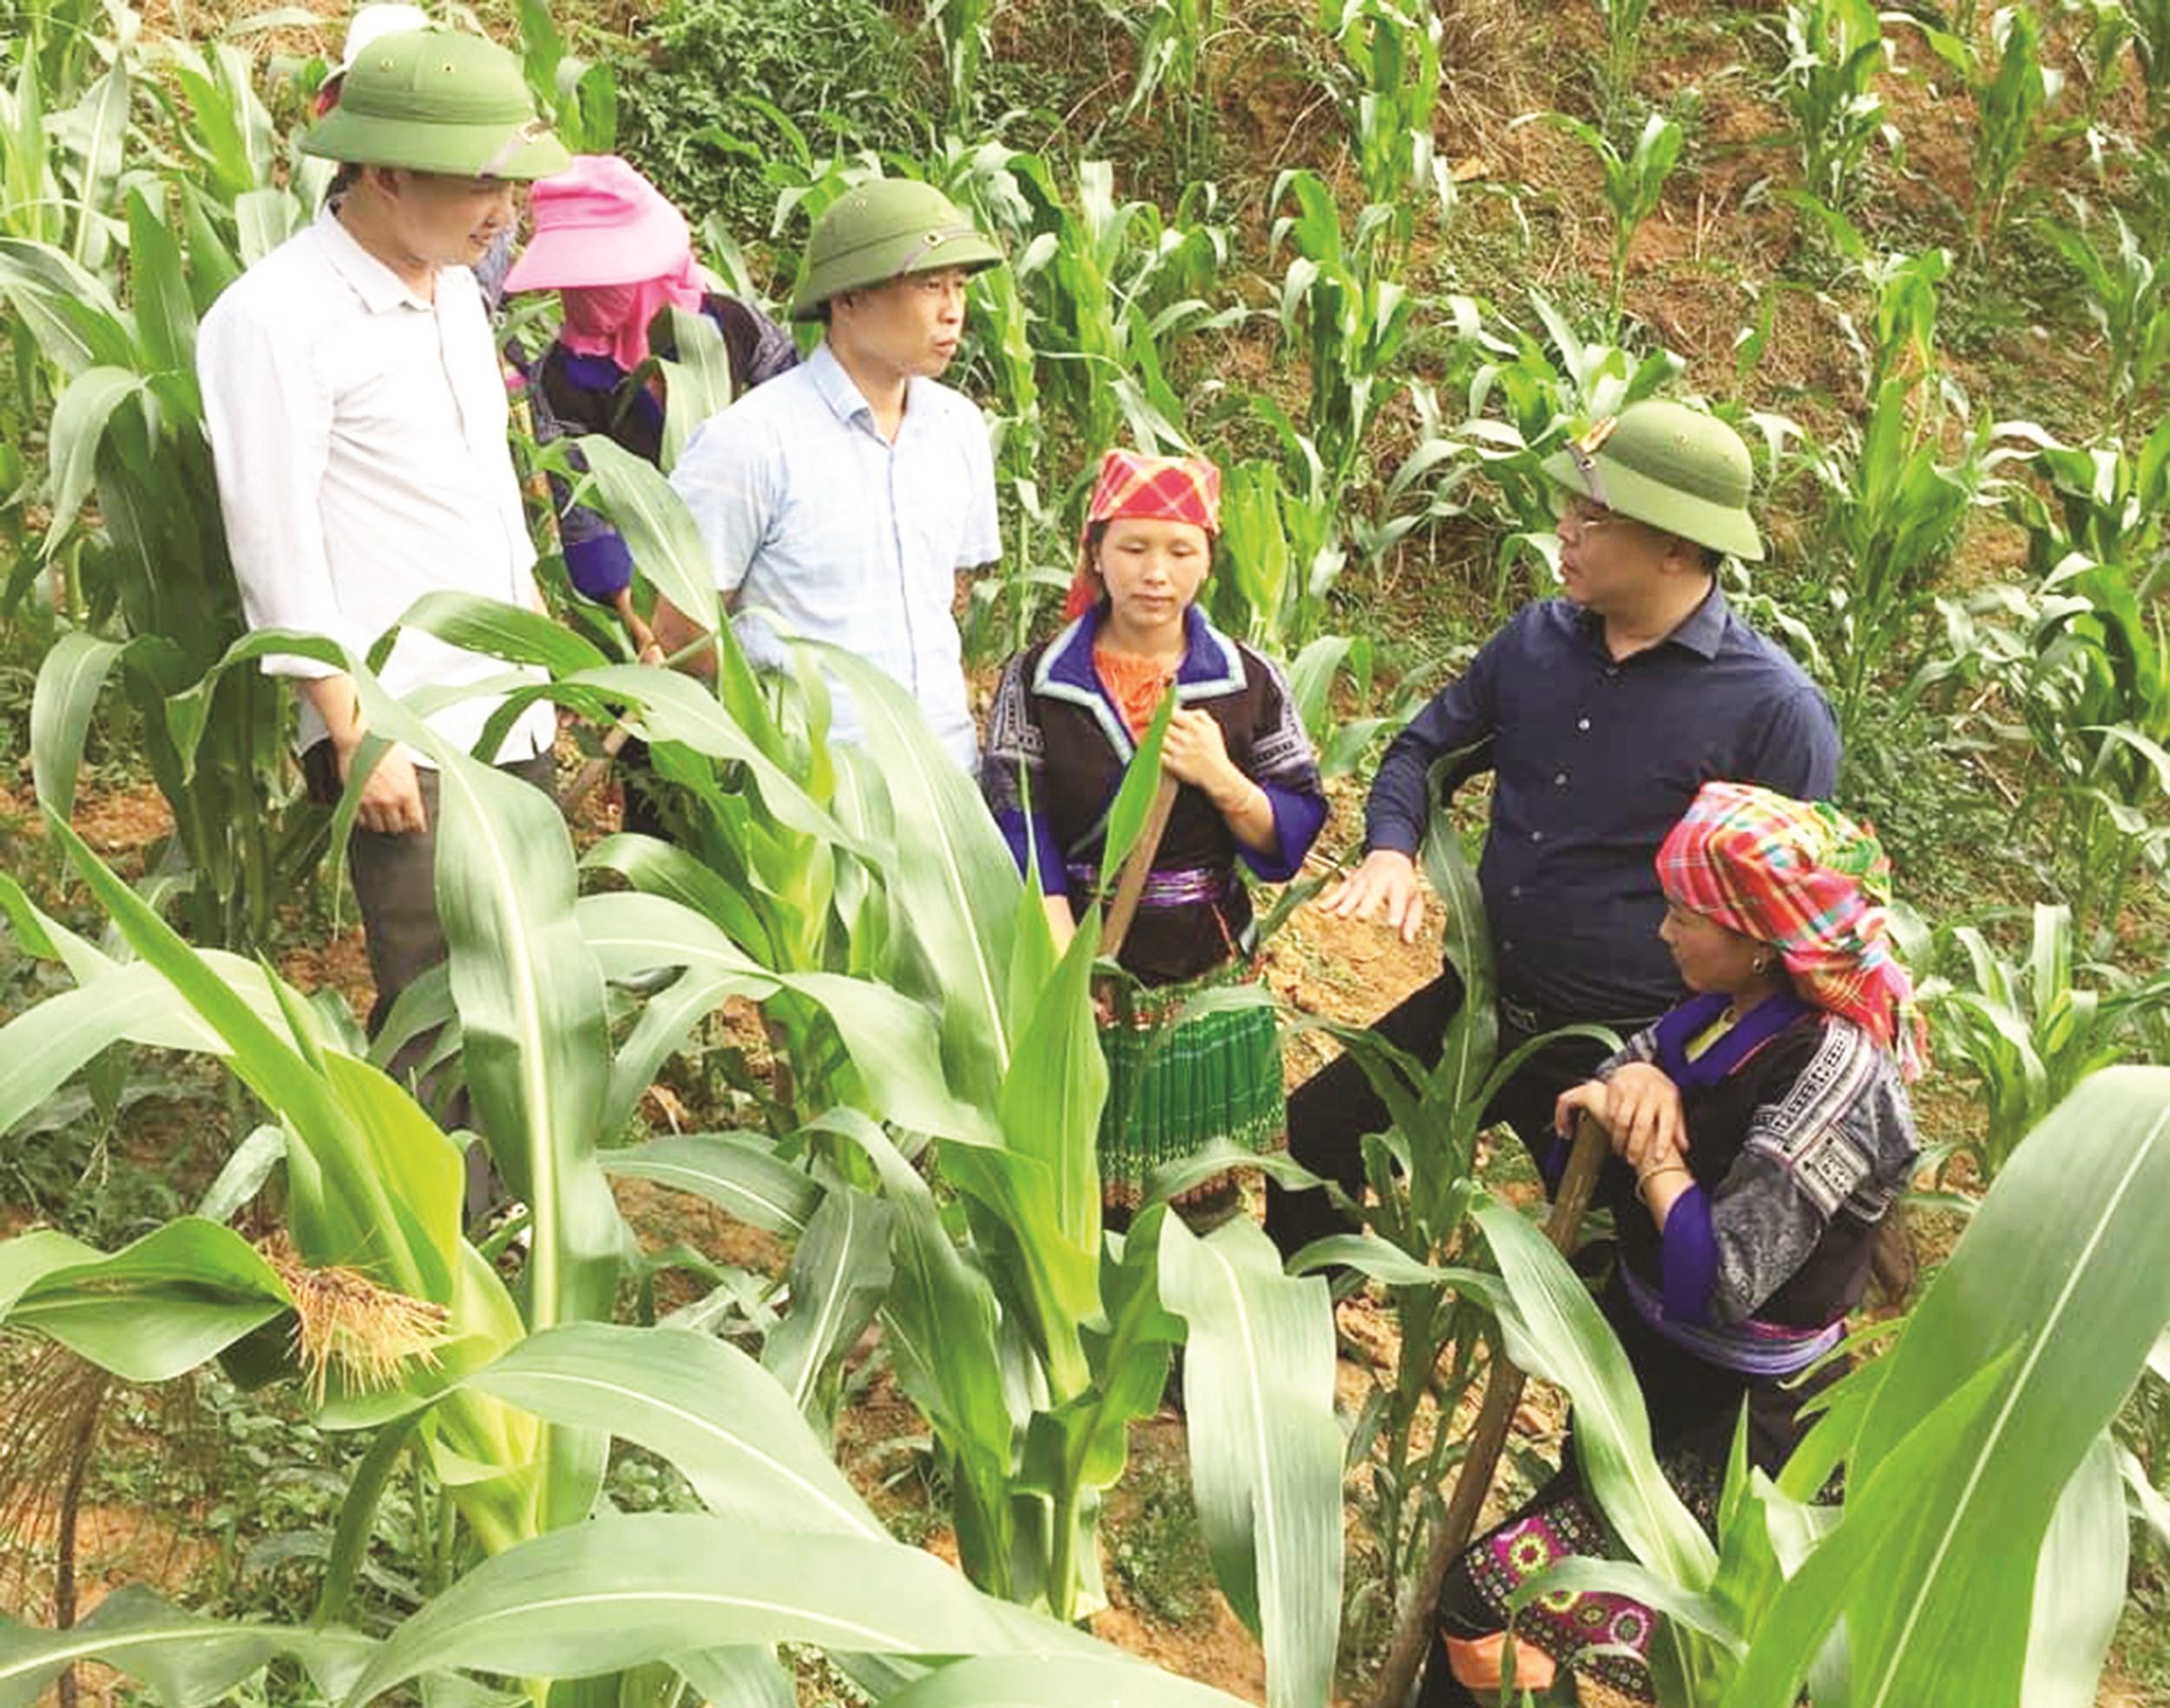 Bí thư Huyện ủy Mù Cang Chải (Yên Bái) Nông Việt Yên thăm mô hình trồng ngô lai của bà con huyện Mù Cang Chải.